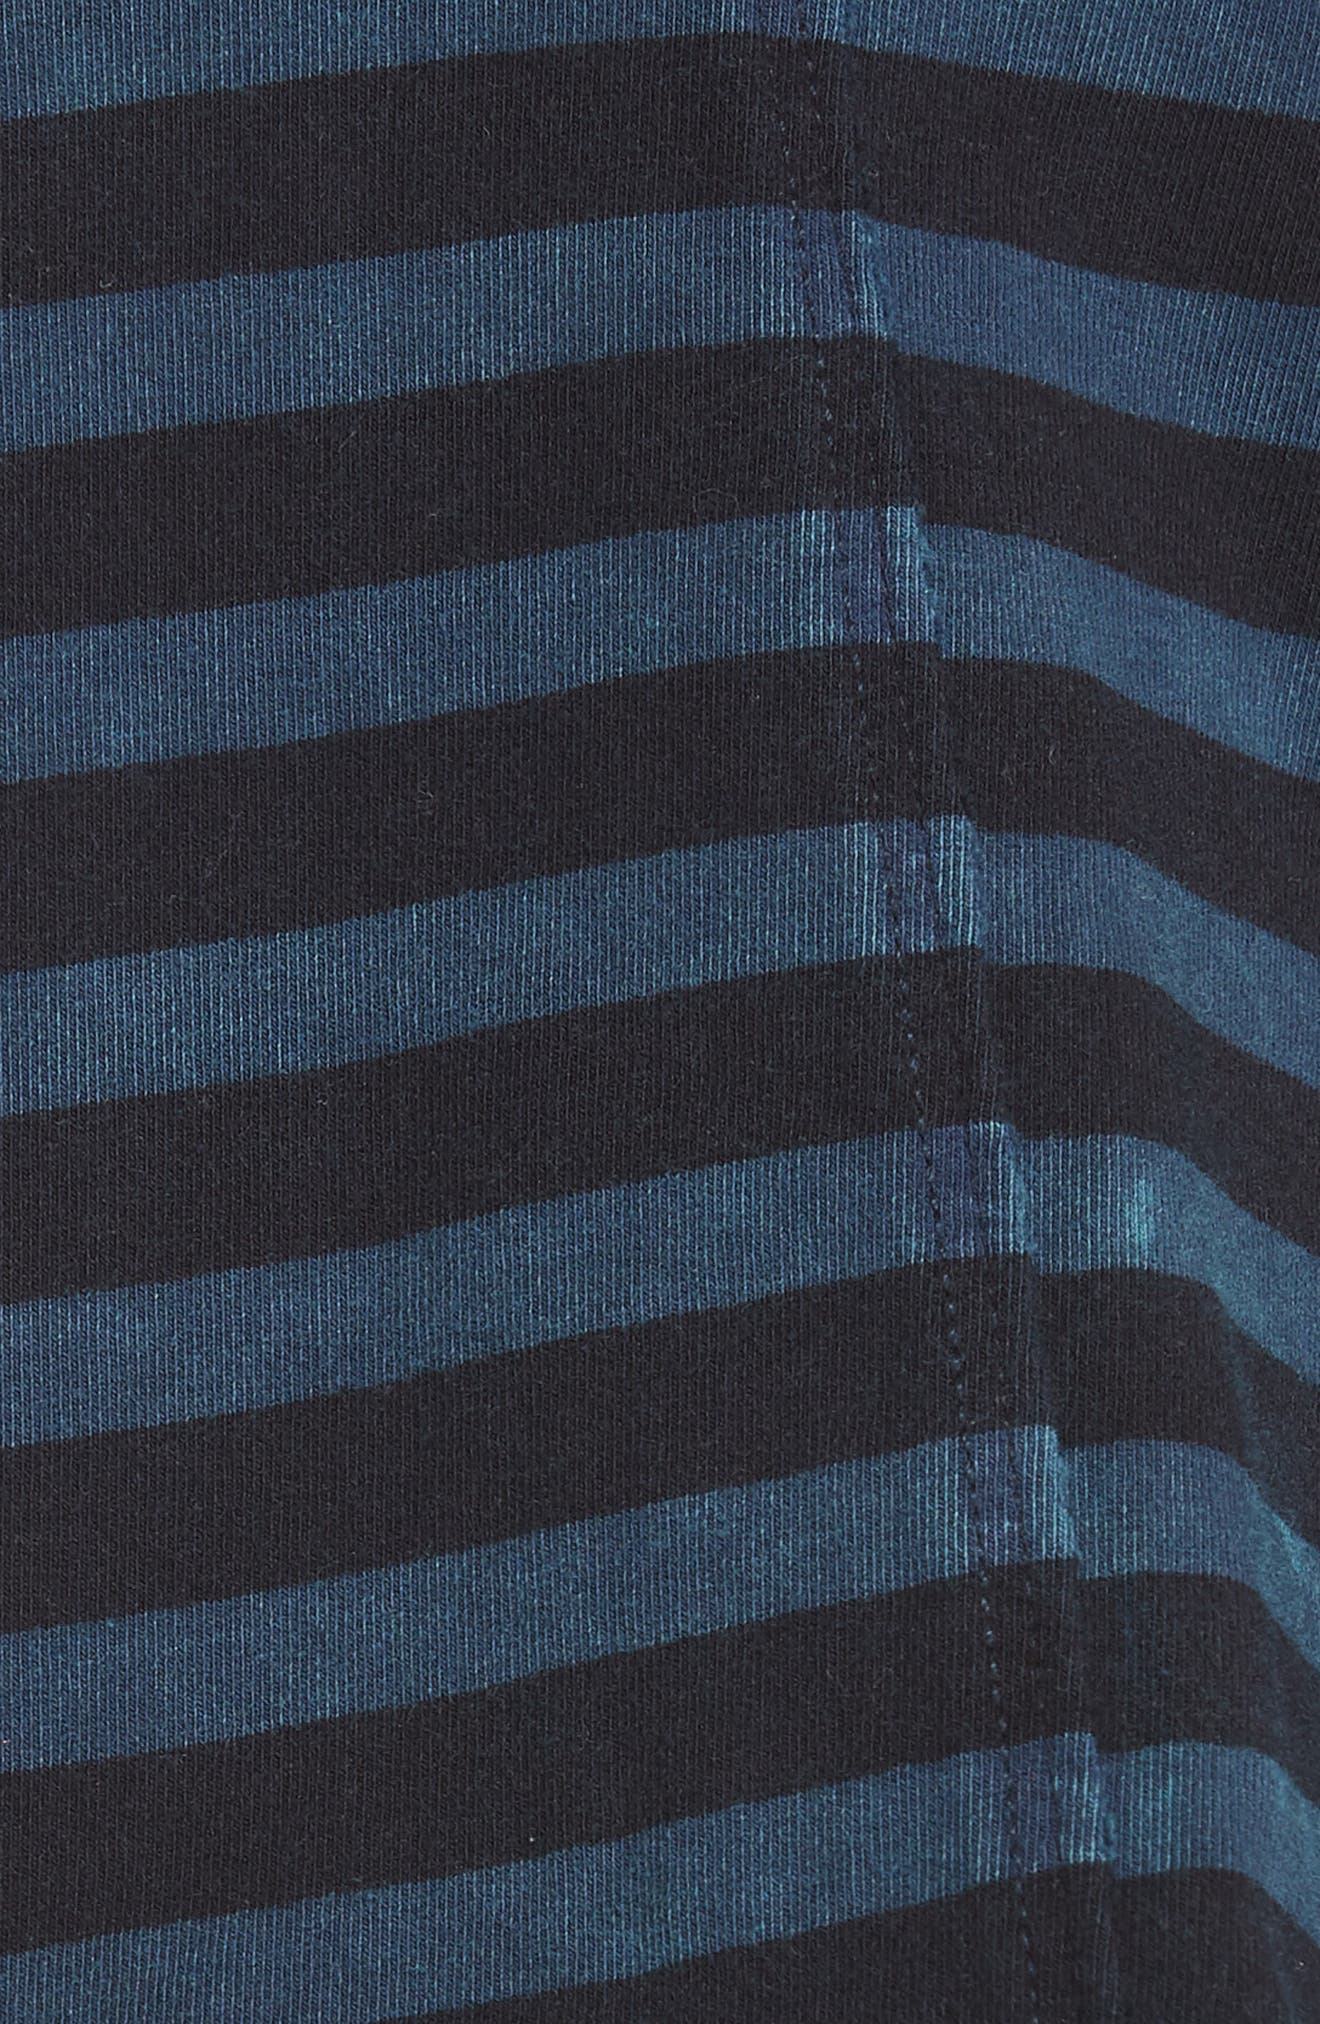 Mylo Stripe Tank,                             Alternate thumbnail 5, color,                             BLUE COMBO